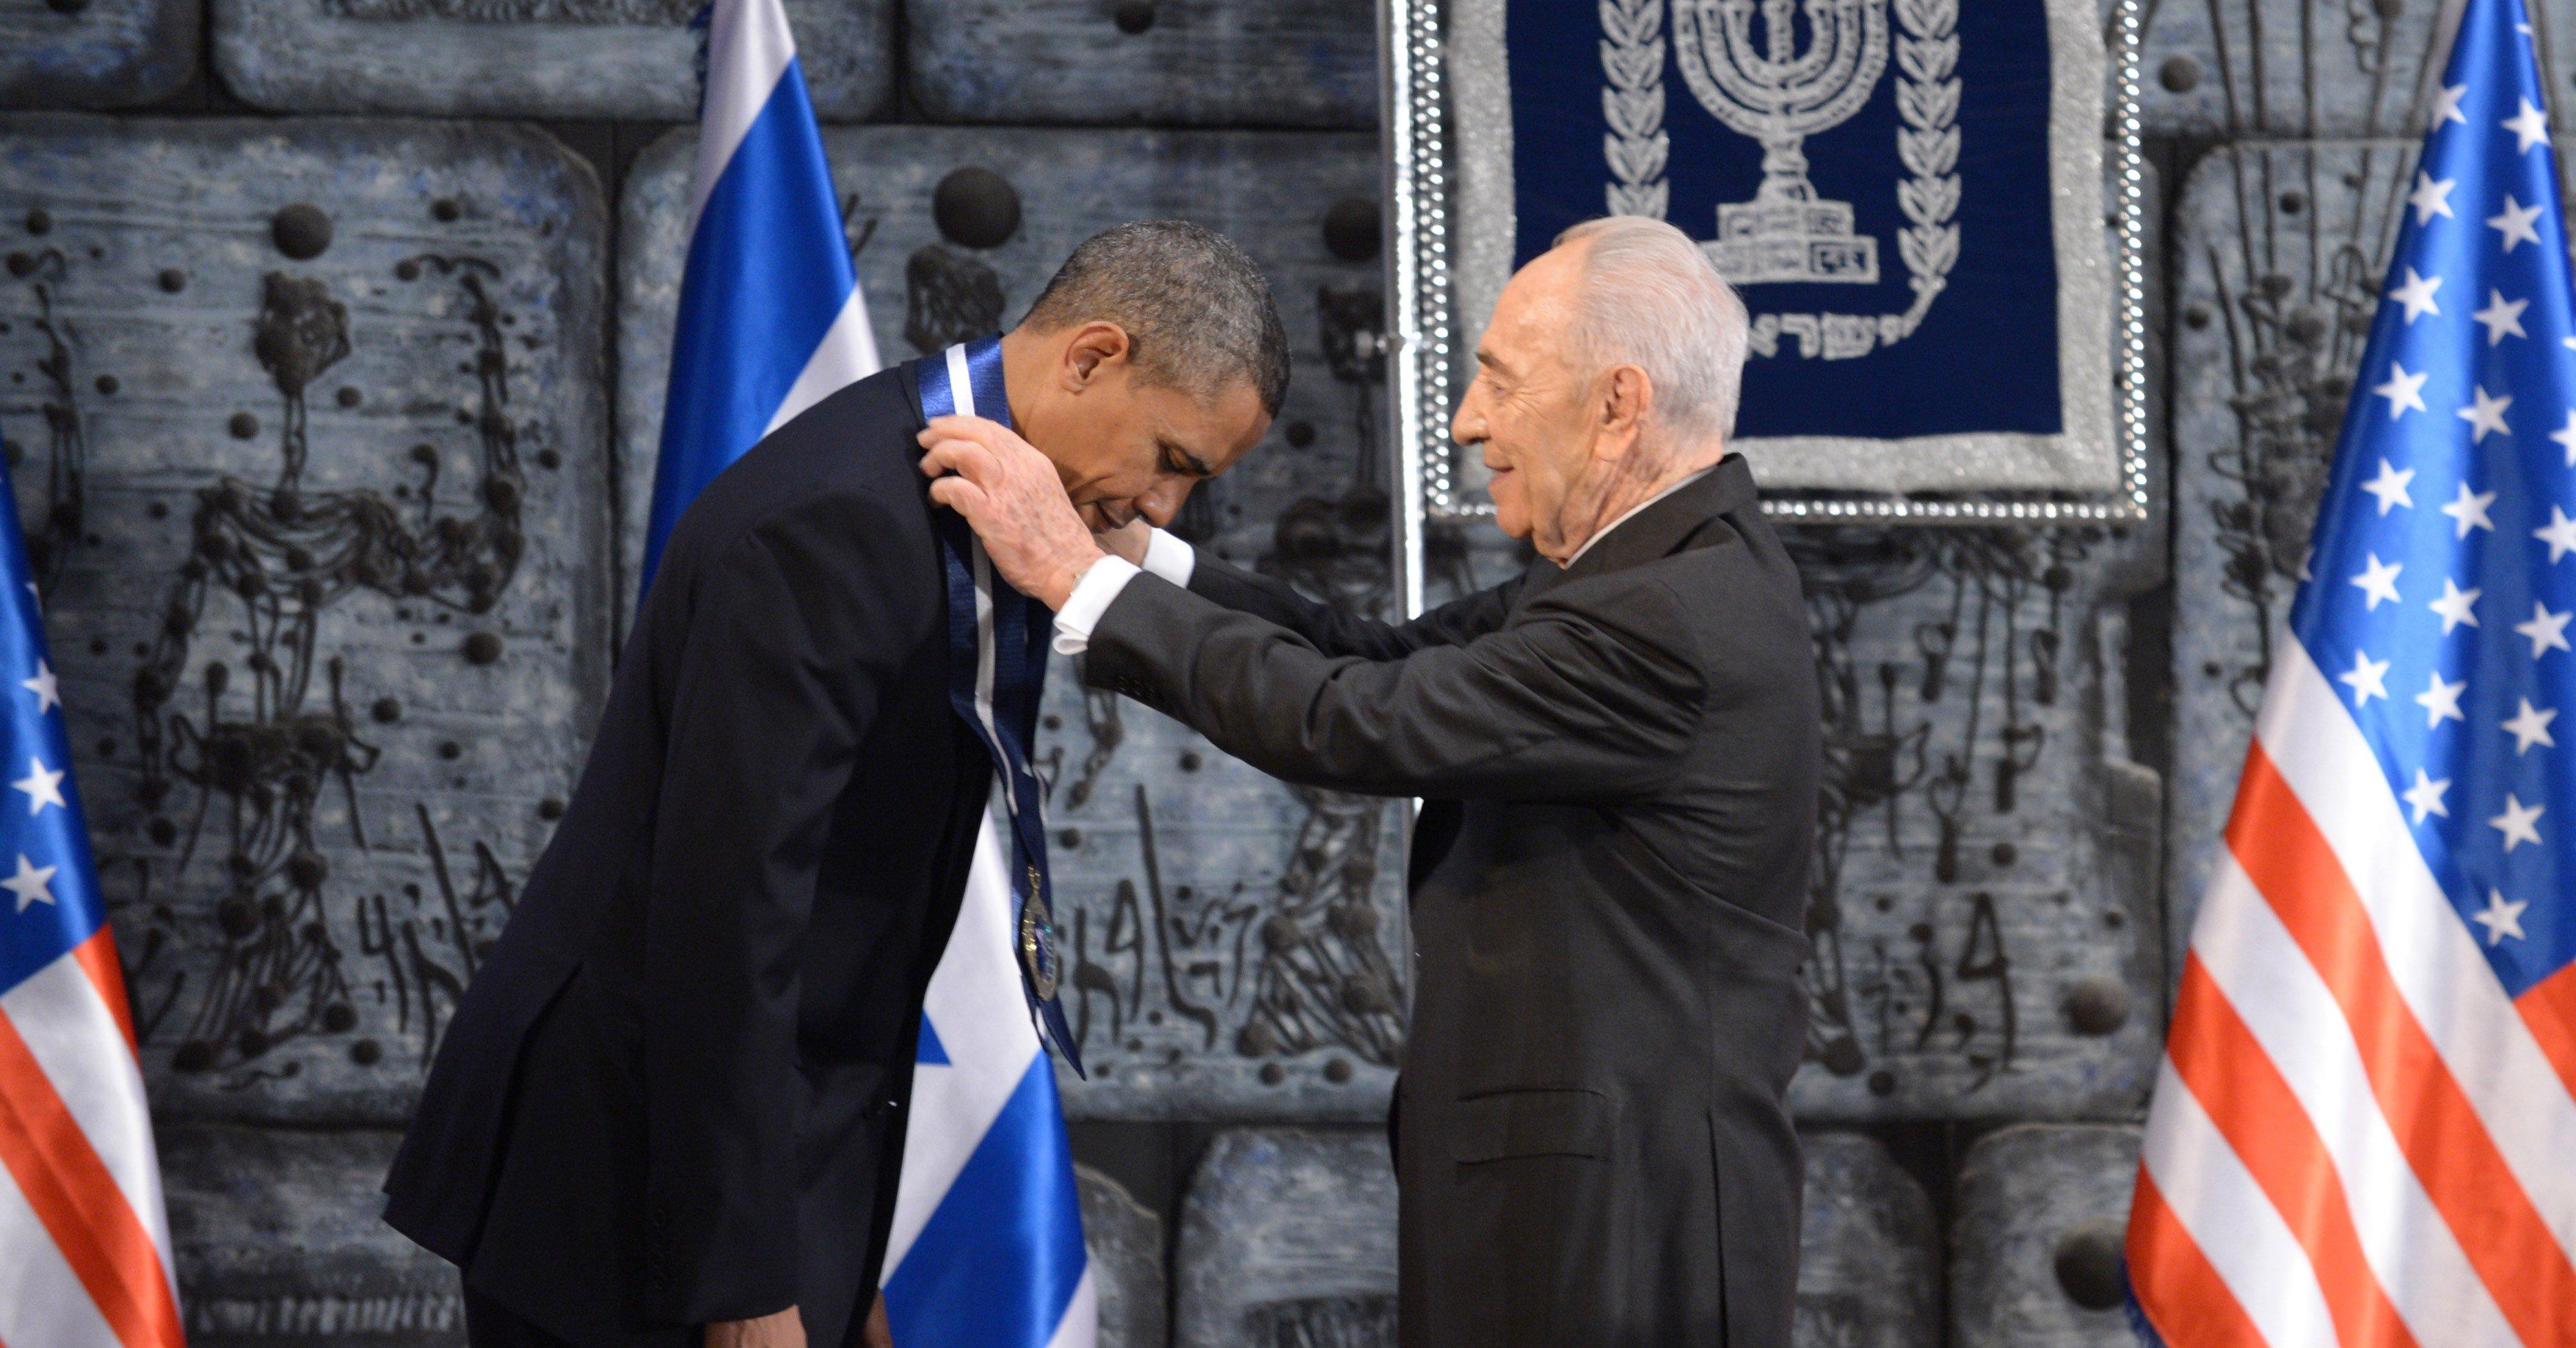 Prezydent Obama będzie przemawiał na pogrzebie Szymona Peresa